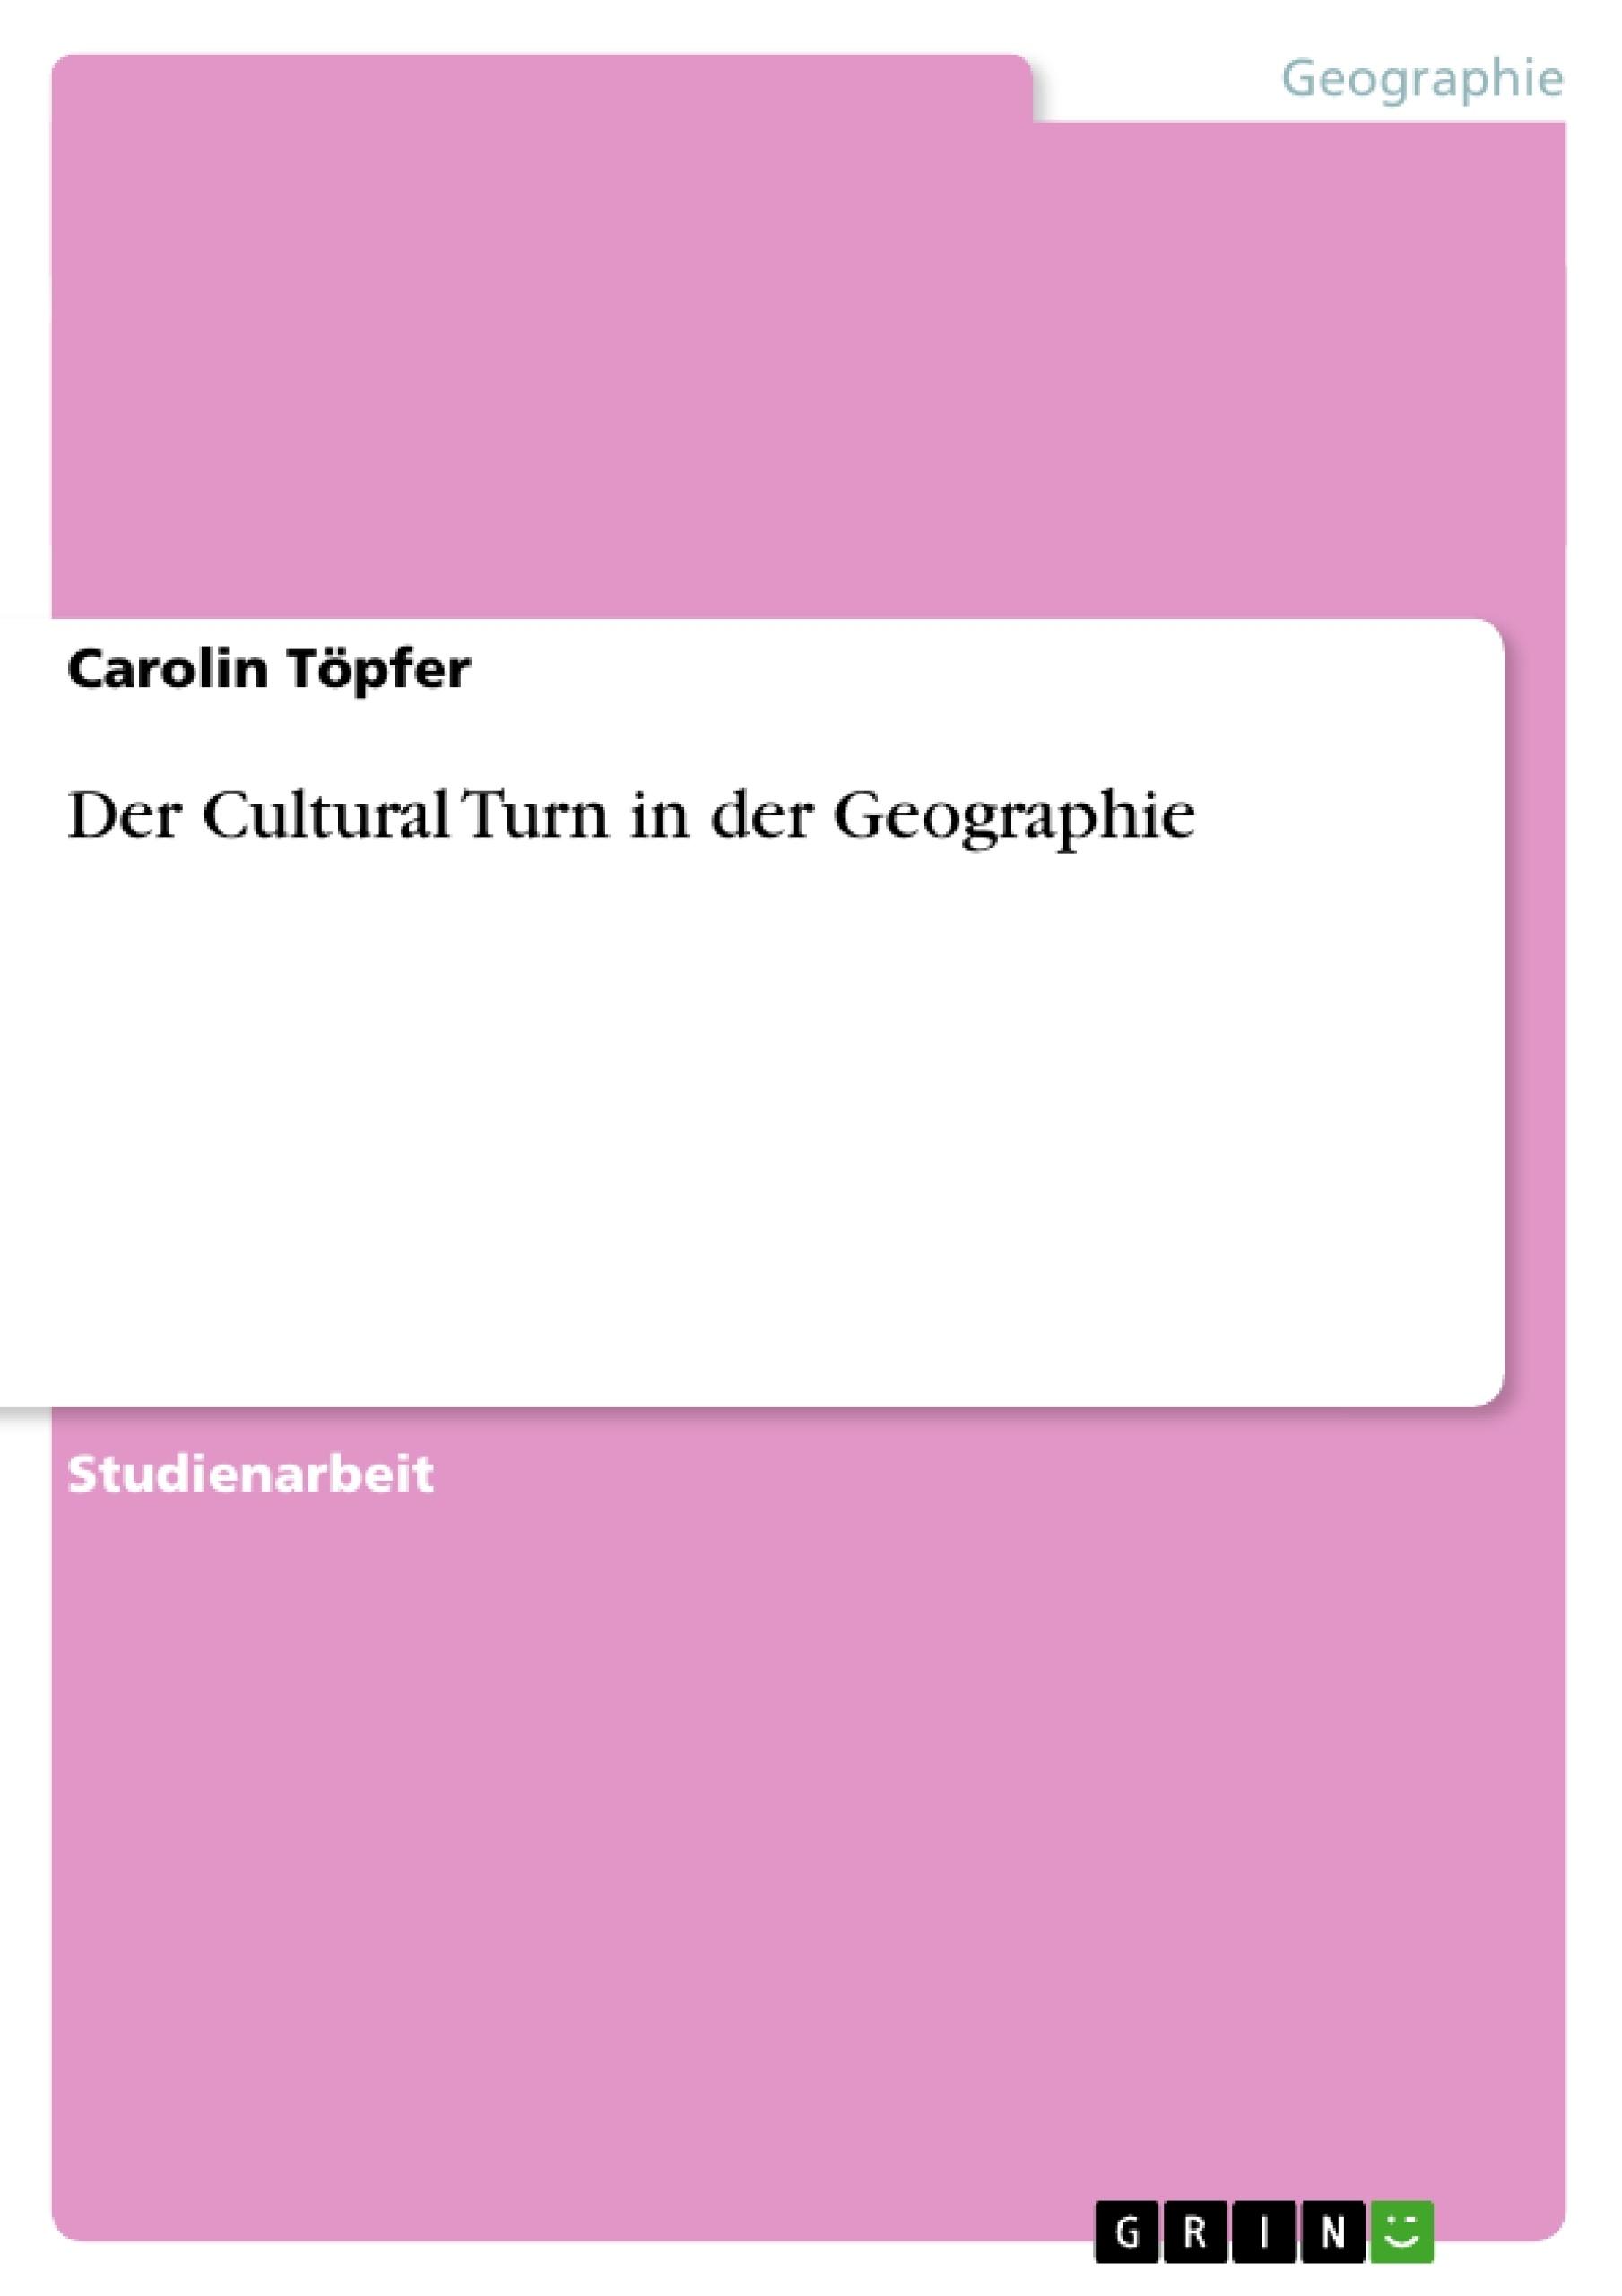 Titel: Der Cultural Turn in der Geographie